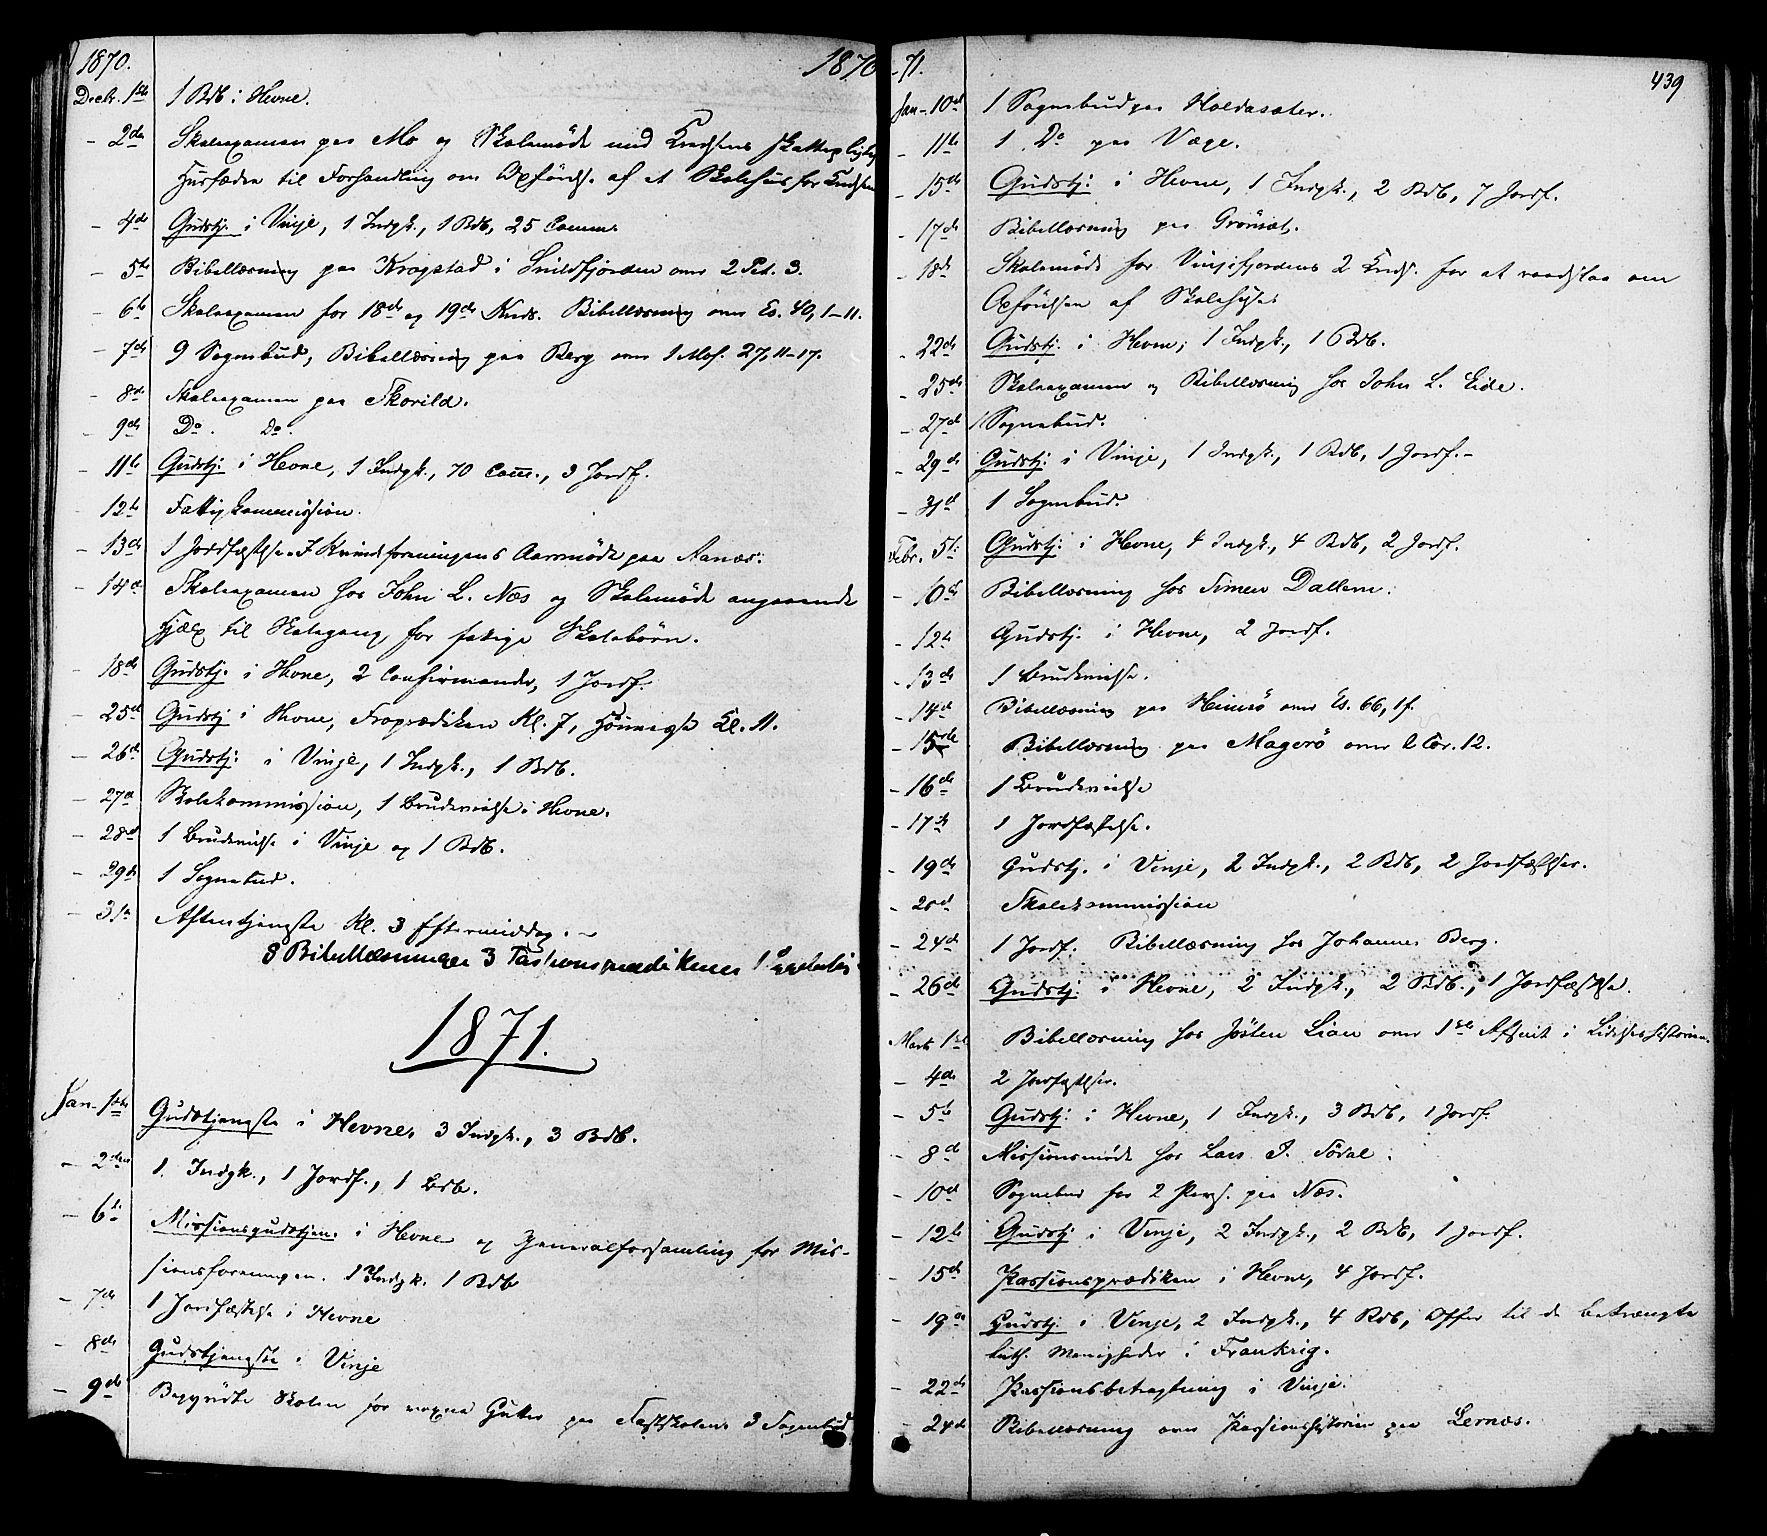 SAT, Ministerialprotokoller, klokkerbøker og fødselsregistre - Sør-Trøndelag, 630/L0495: Ministerialbok nr. 630A08, 1868-1878, s. 439